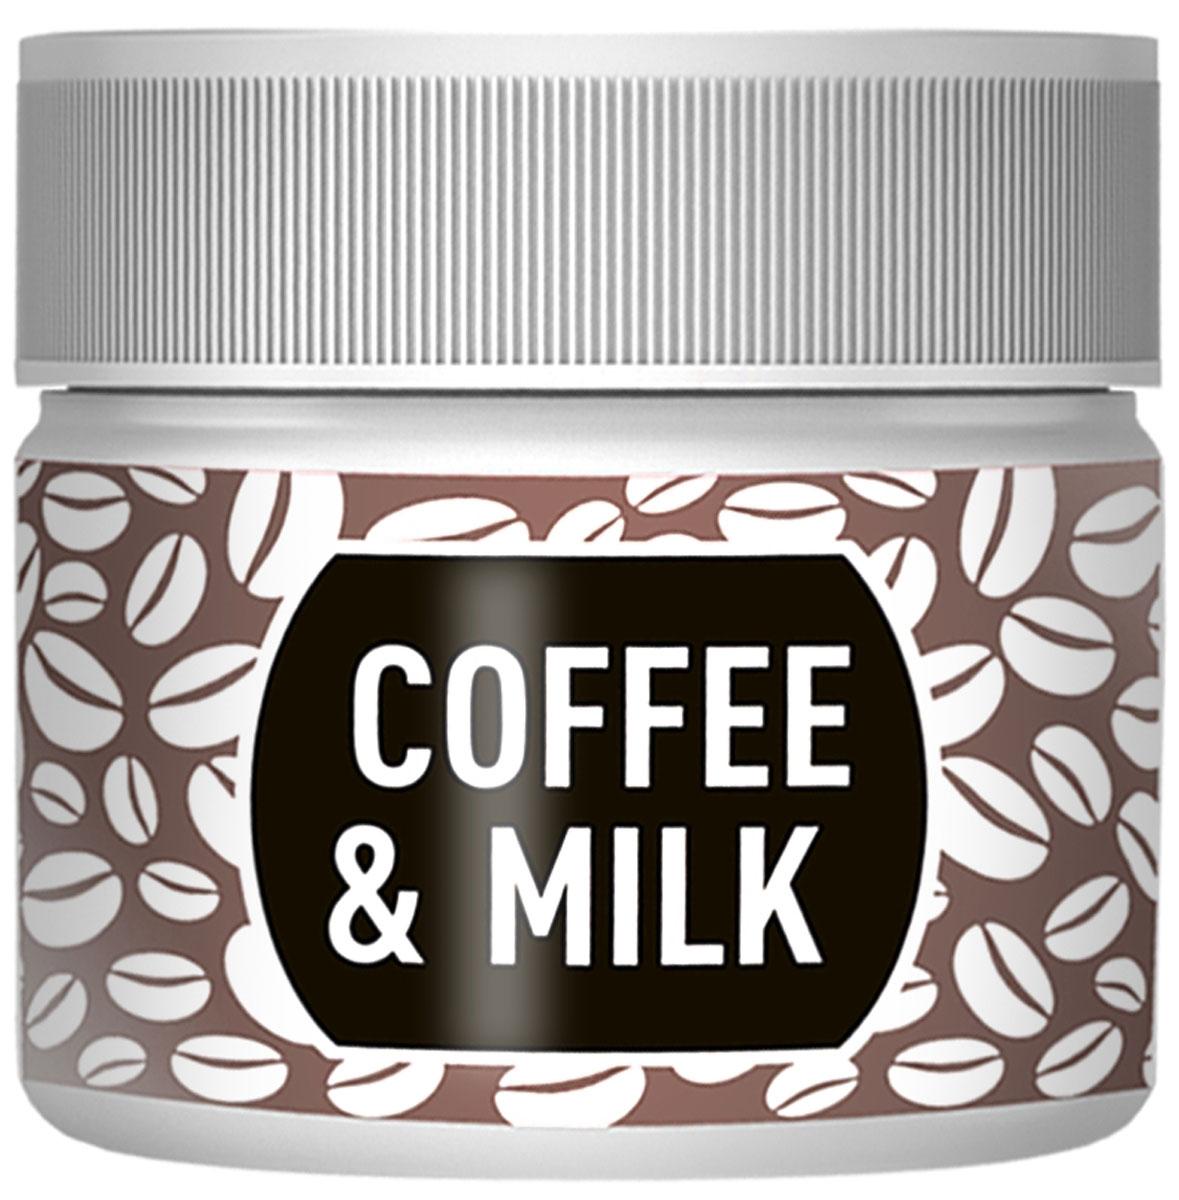 Sexy Brow Henna Скраб для бровей, аромат кофе  молоком, 30 г